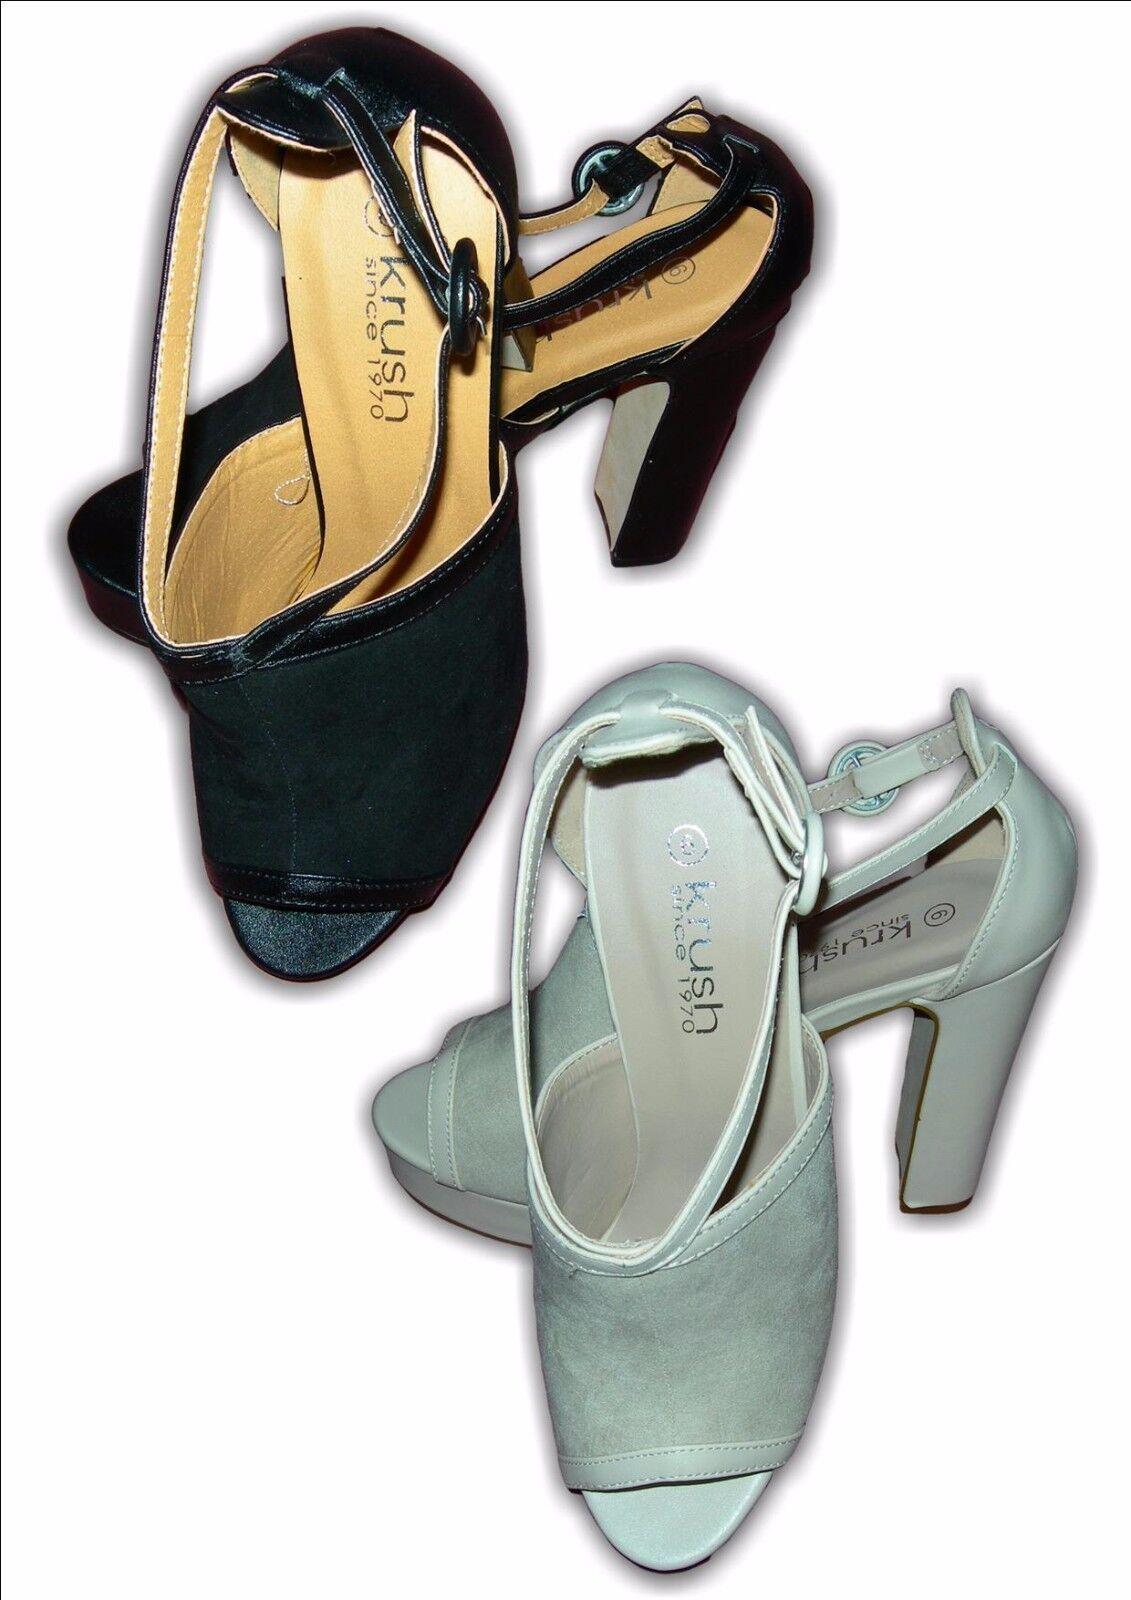 Ladies Platform Heels Fashion Open Toe Sandals Faux Suede Black Nude LS0055